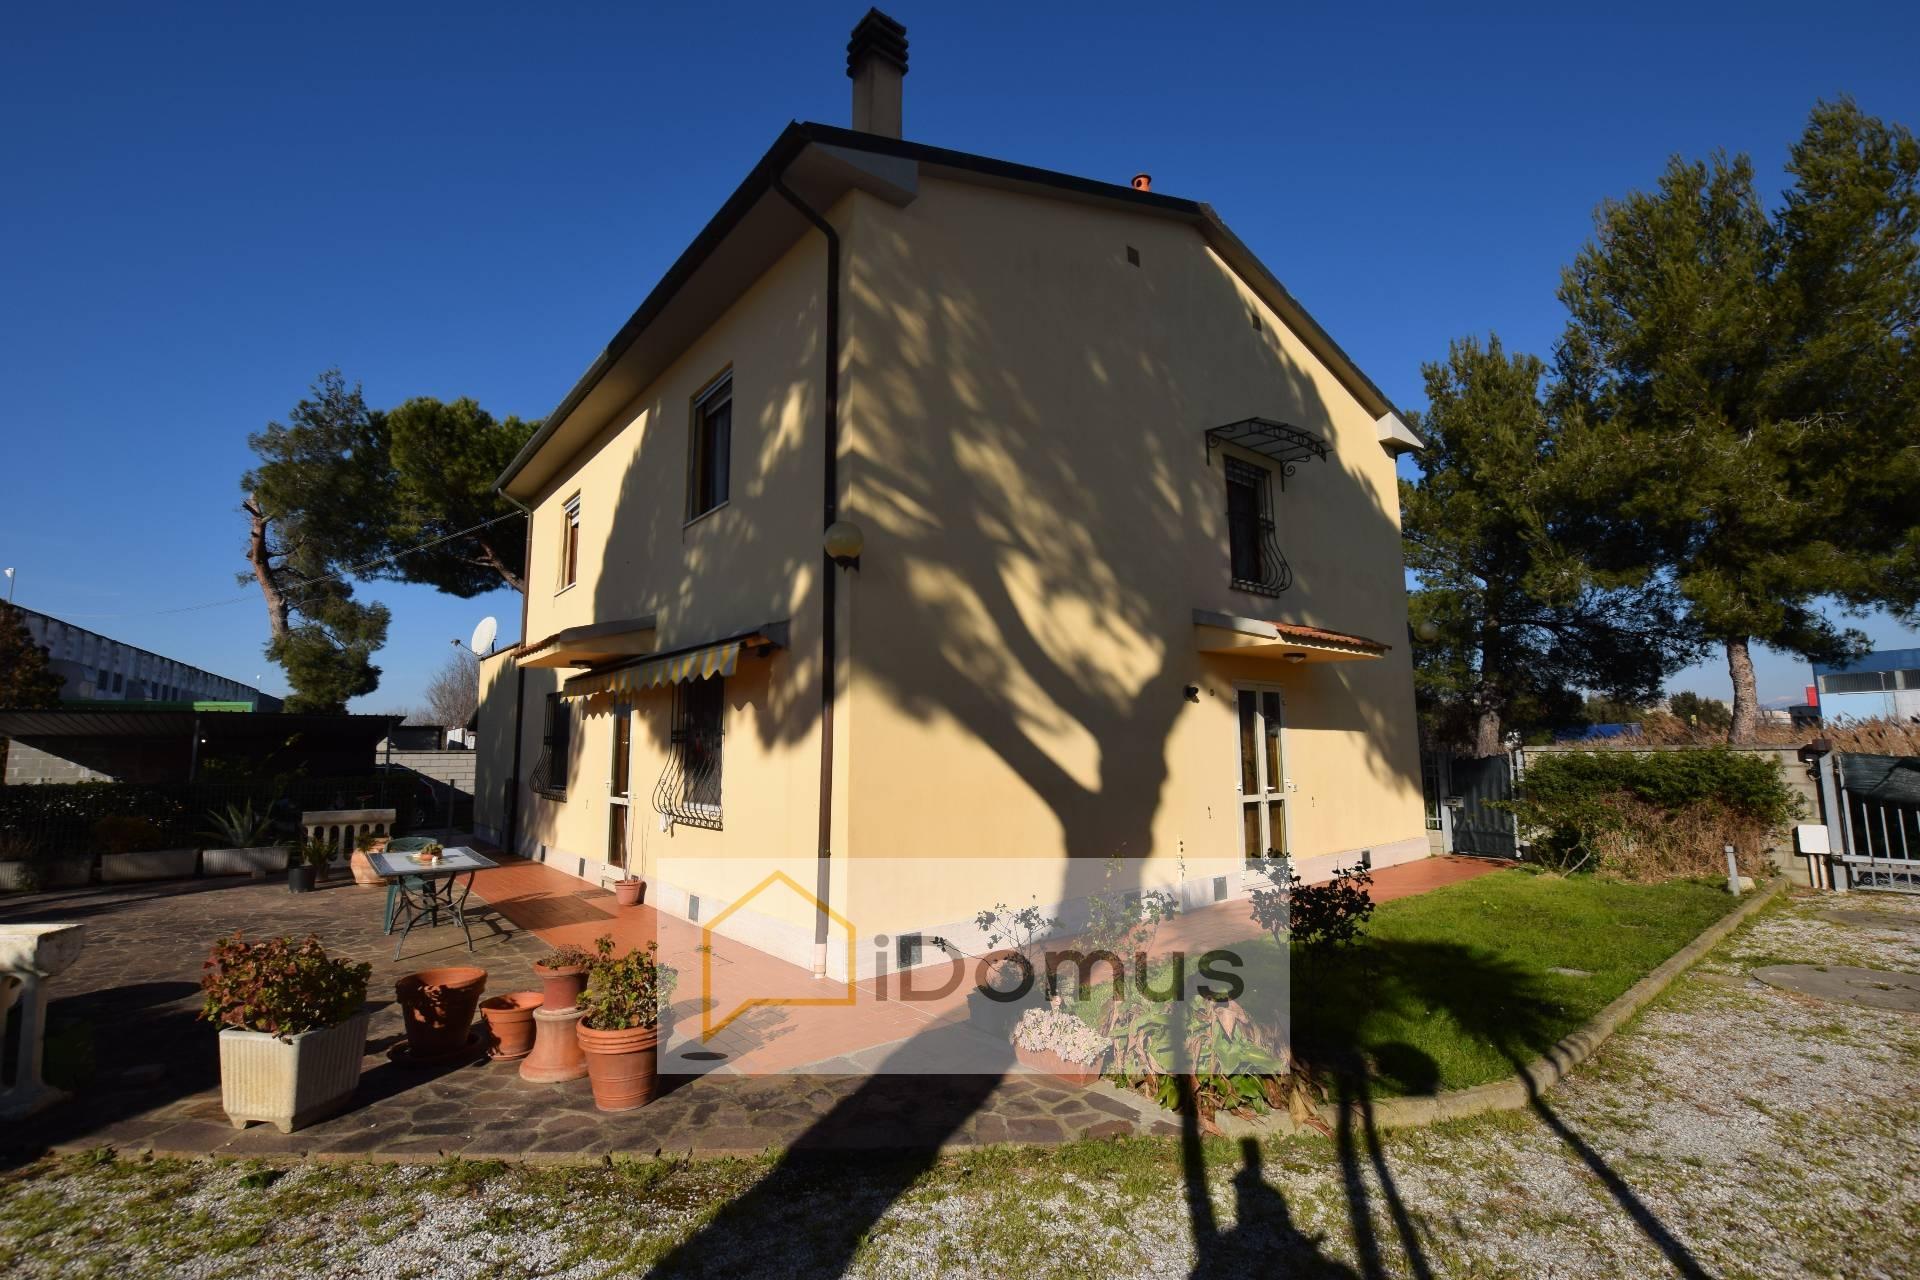 Rustico / Casale in vendita a Pisa, 9 locali, zona Zona: Ospedaletto, prezzo € 430.000 | CambioCasa.it